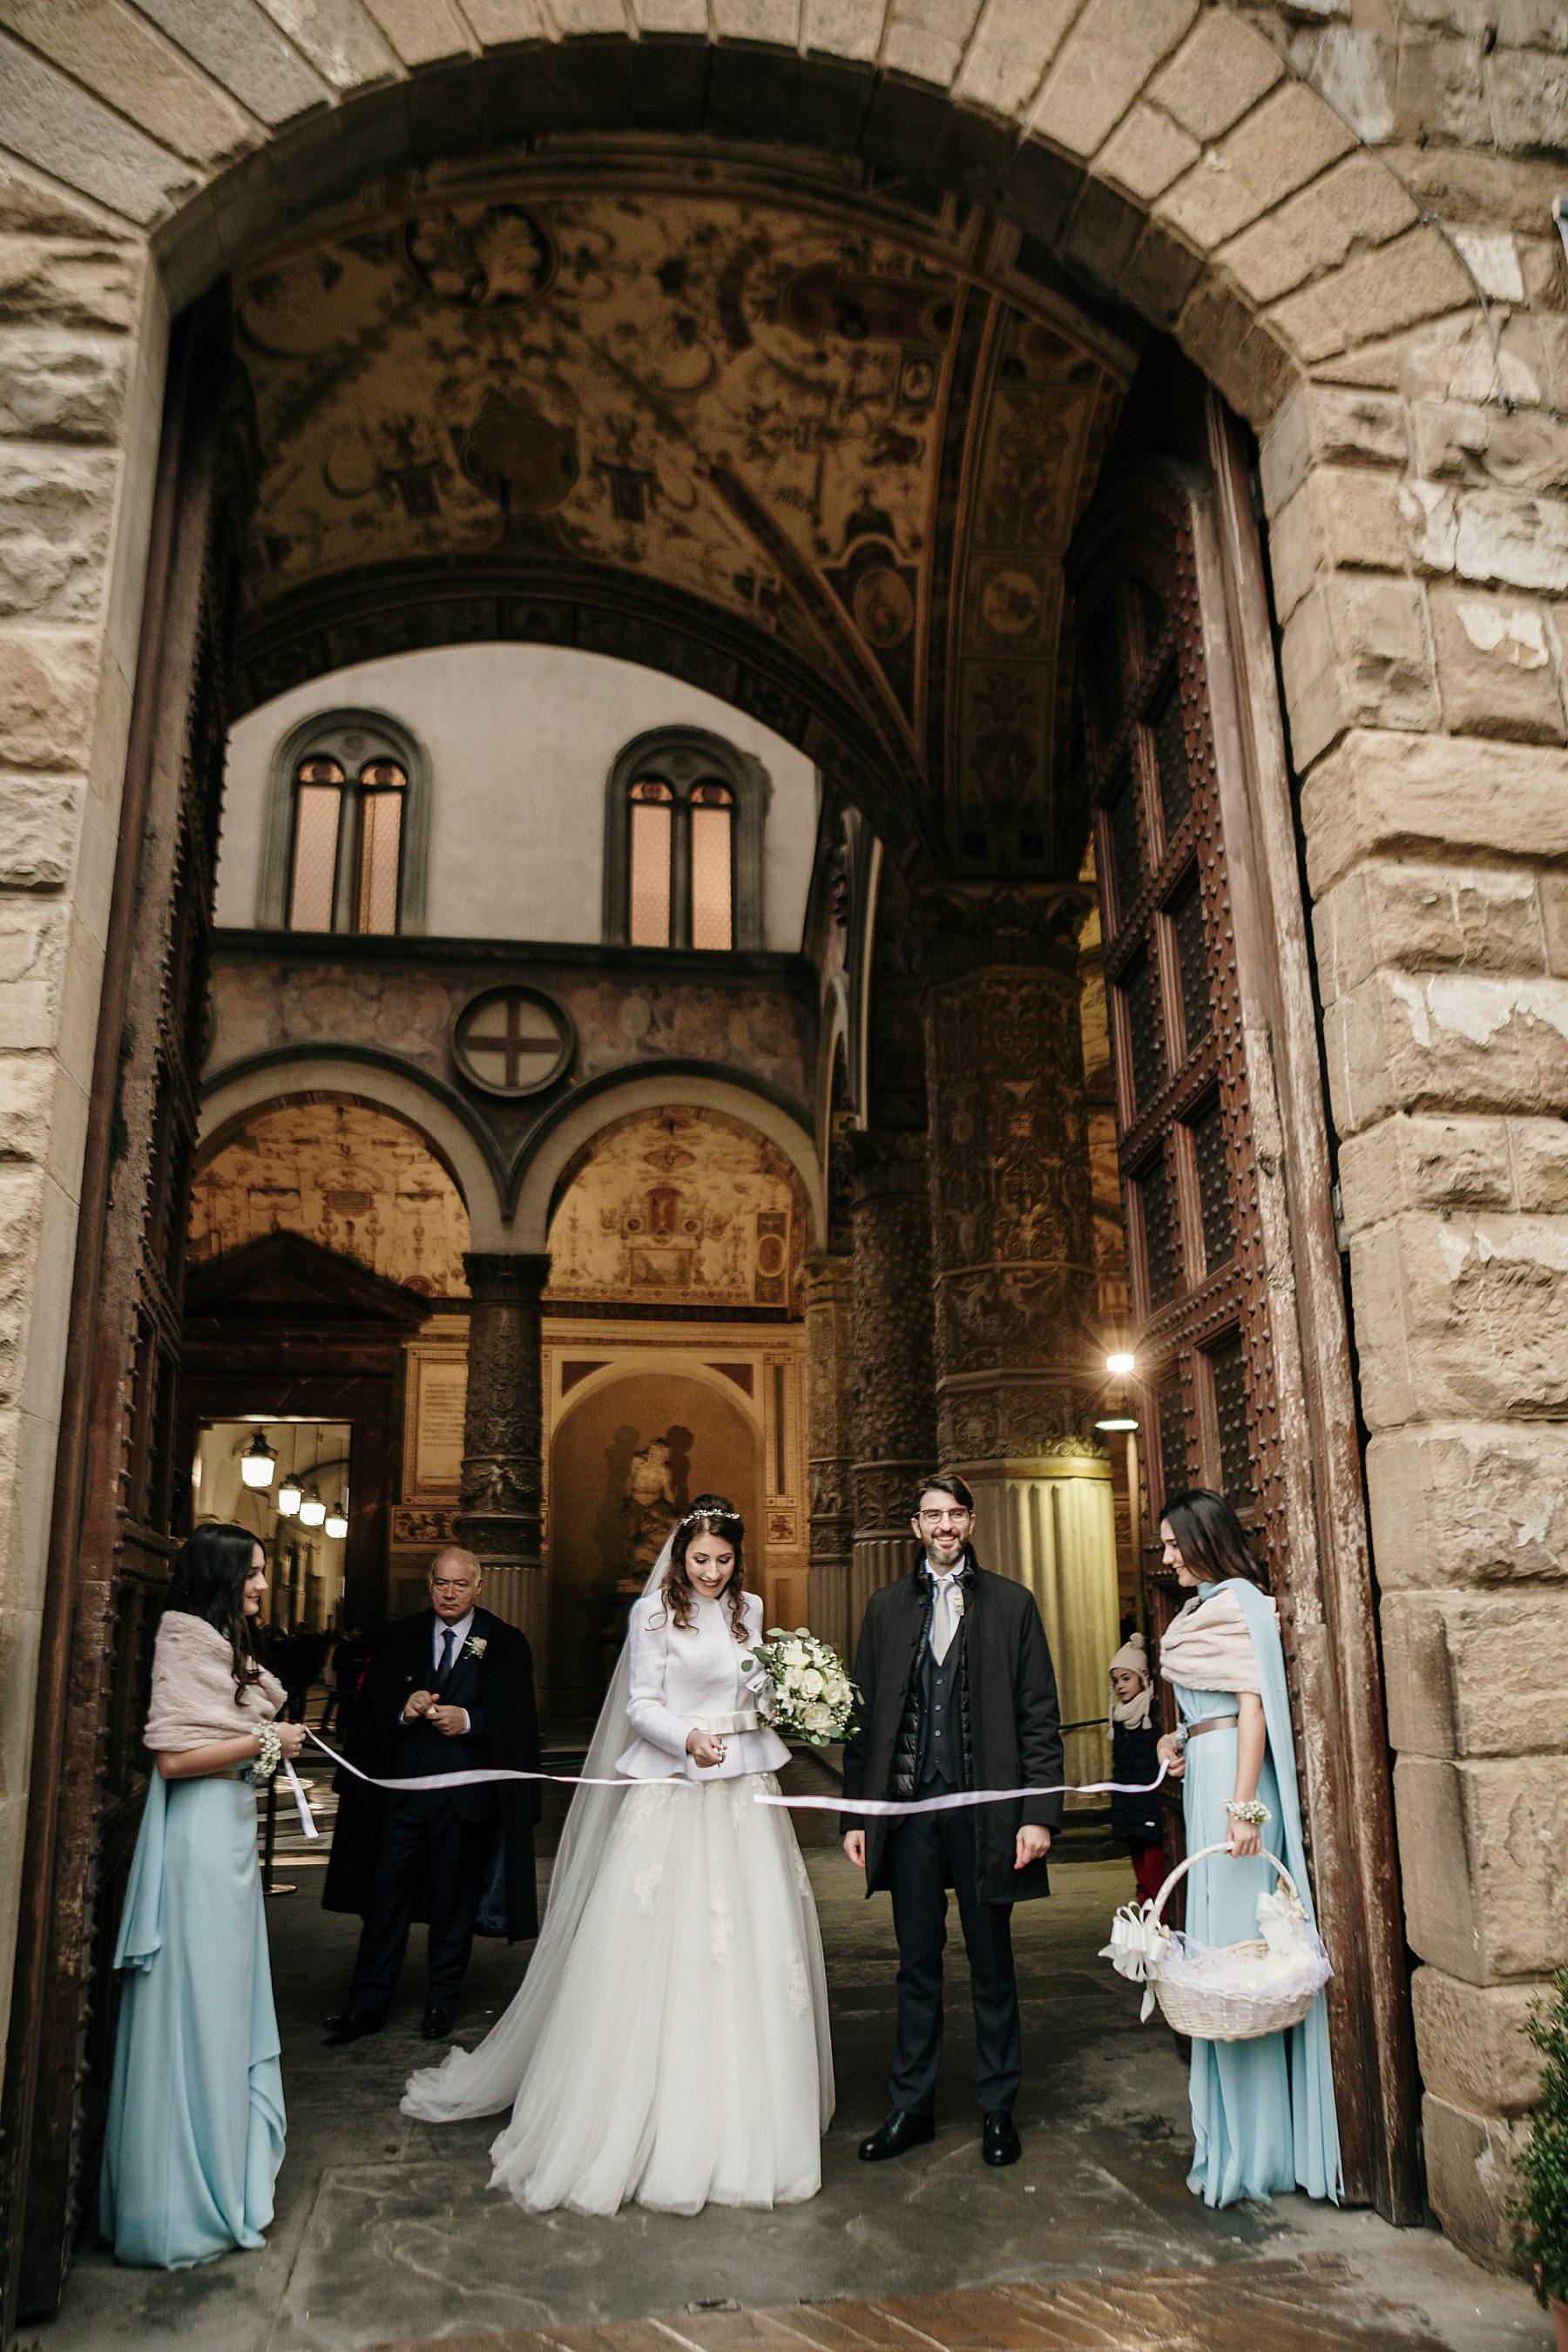 fotografia-di-matrimonio-a-firenze-in-inverno-756.JPG